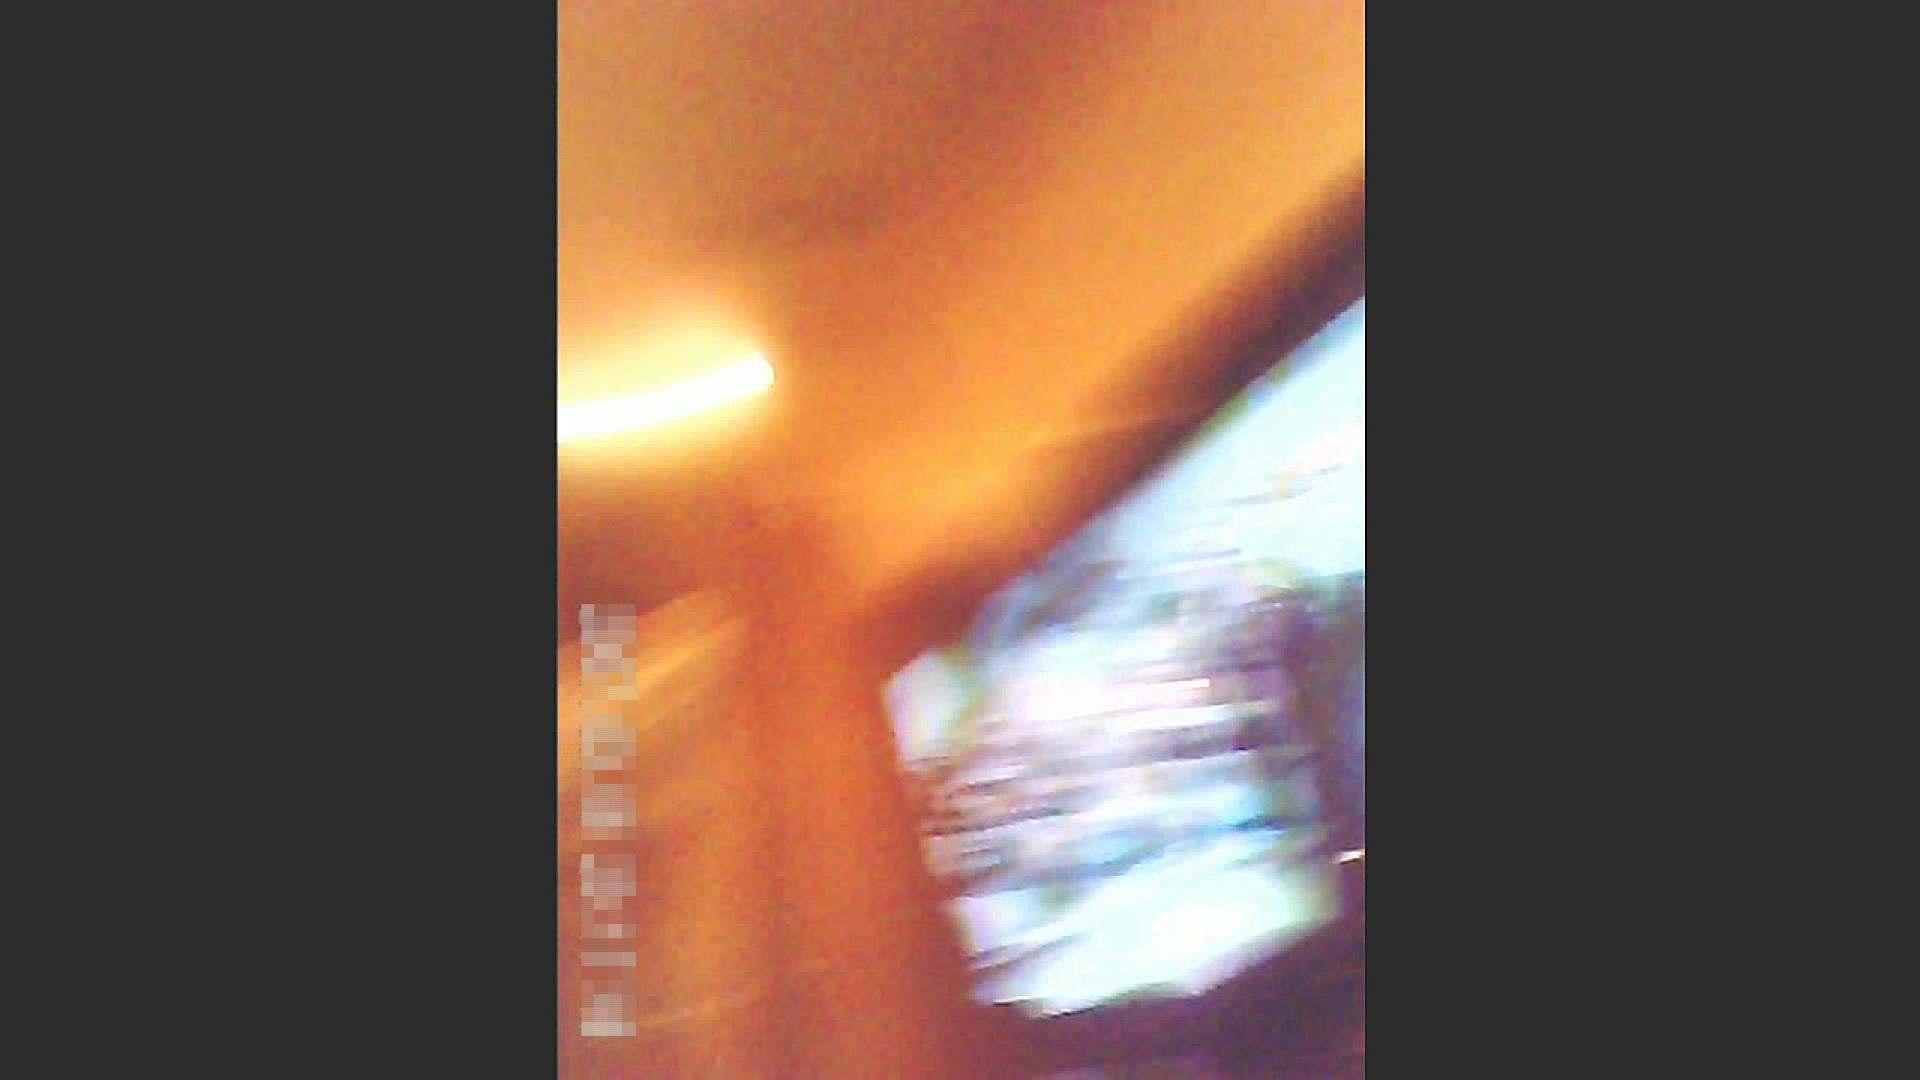 ▲復活限定D▲バトミントン部 みさこ  Vol.14 脱衣編 美乳 おめこ無修正動画無料 49画像 11